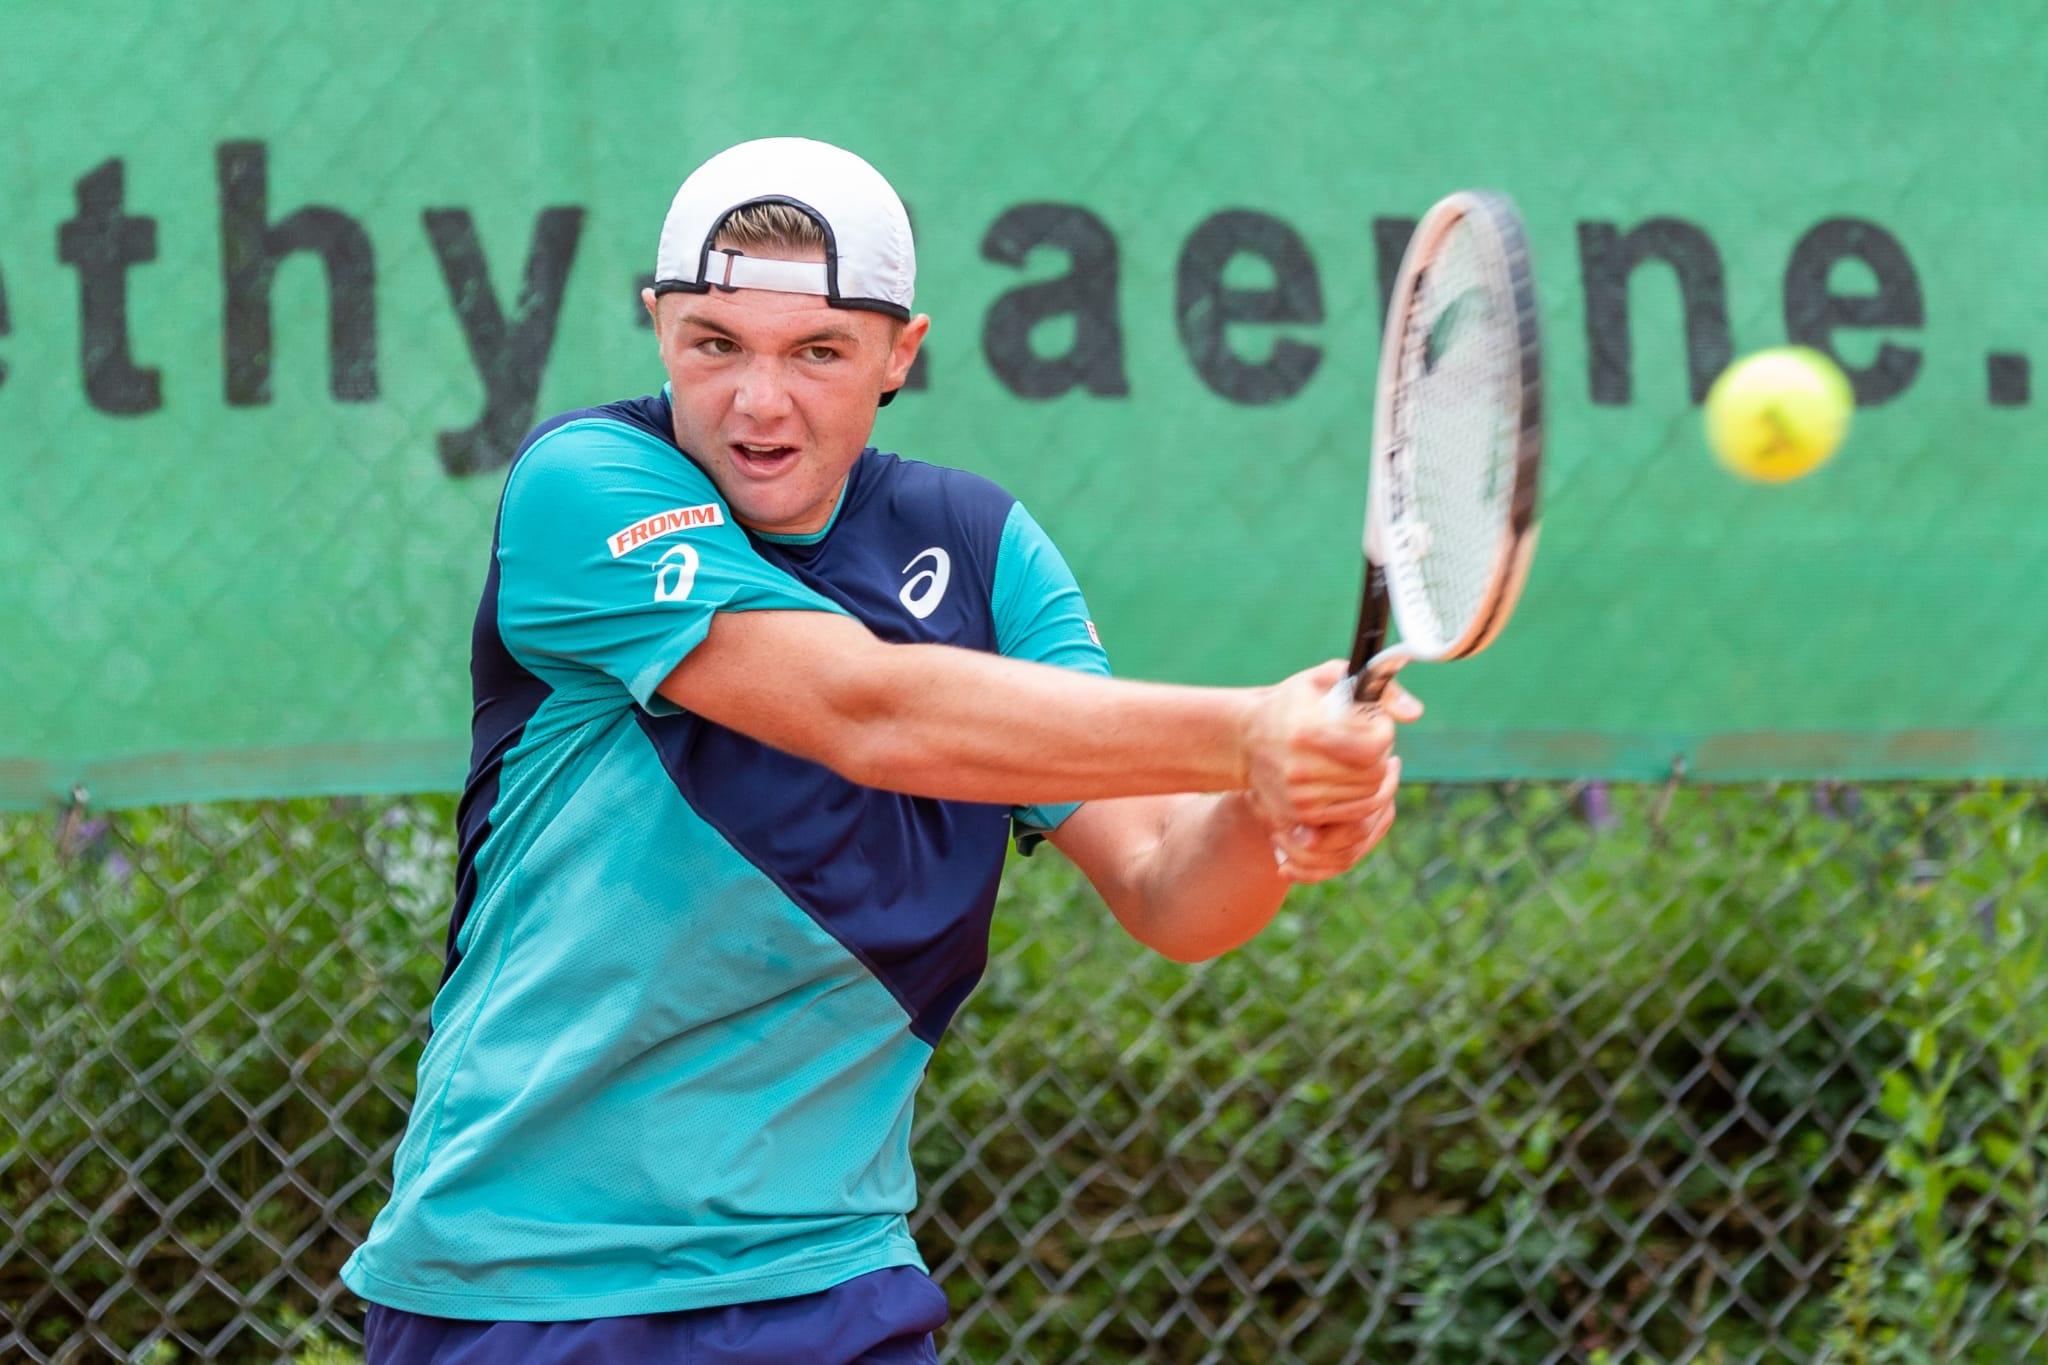 Fotos von Fabio Baranzini (Fotoanfragen via www.baranzini.ch), Sporting Derendingen Tom Simmen. Fotos dürfen nicht weiter verwendet werden.